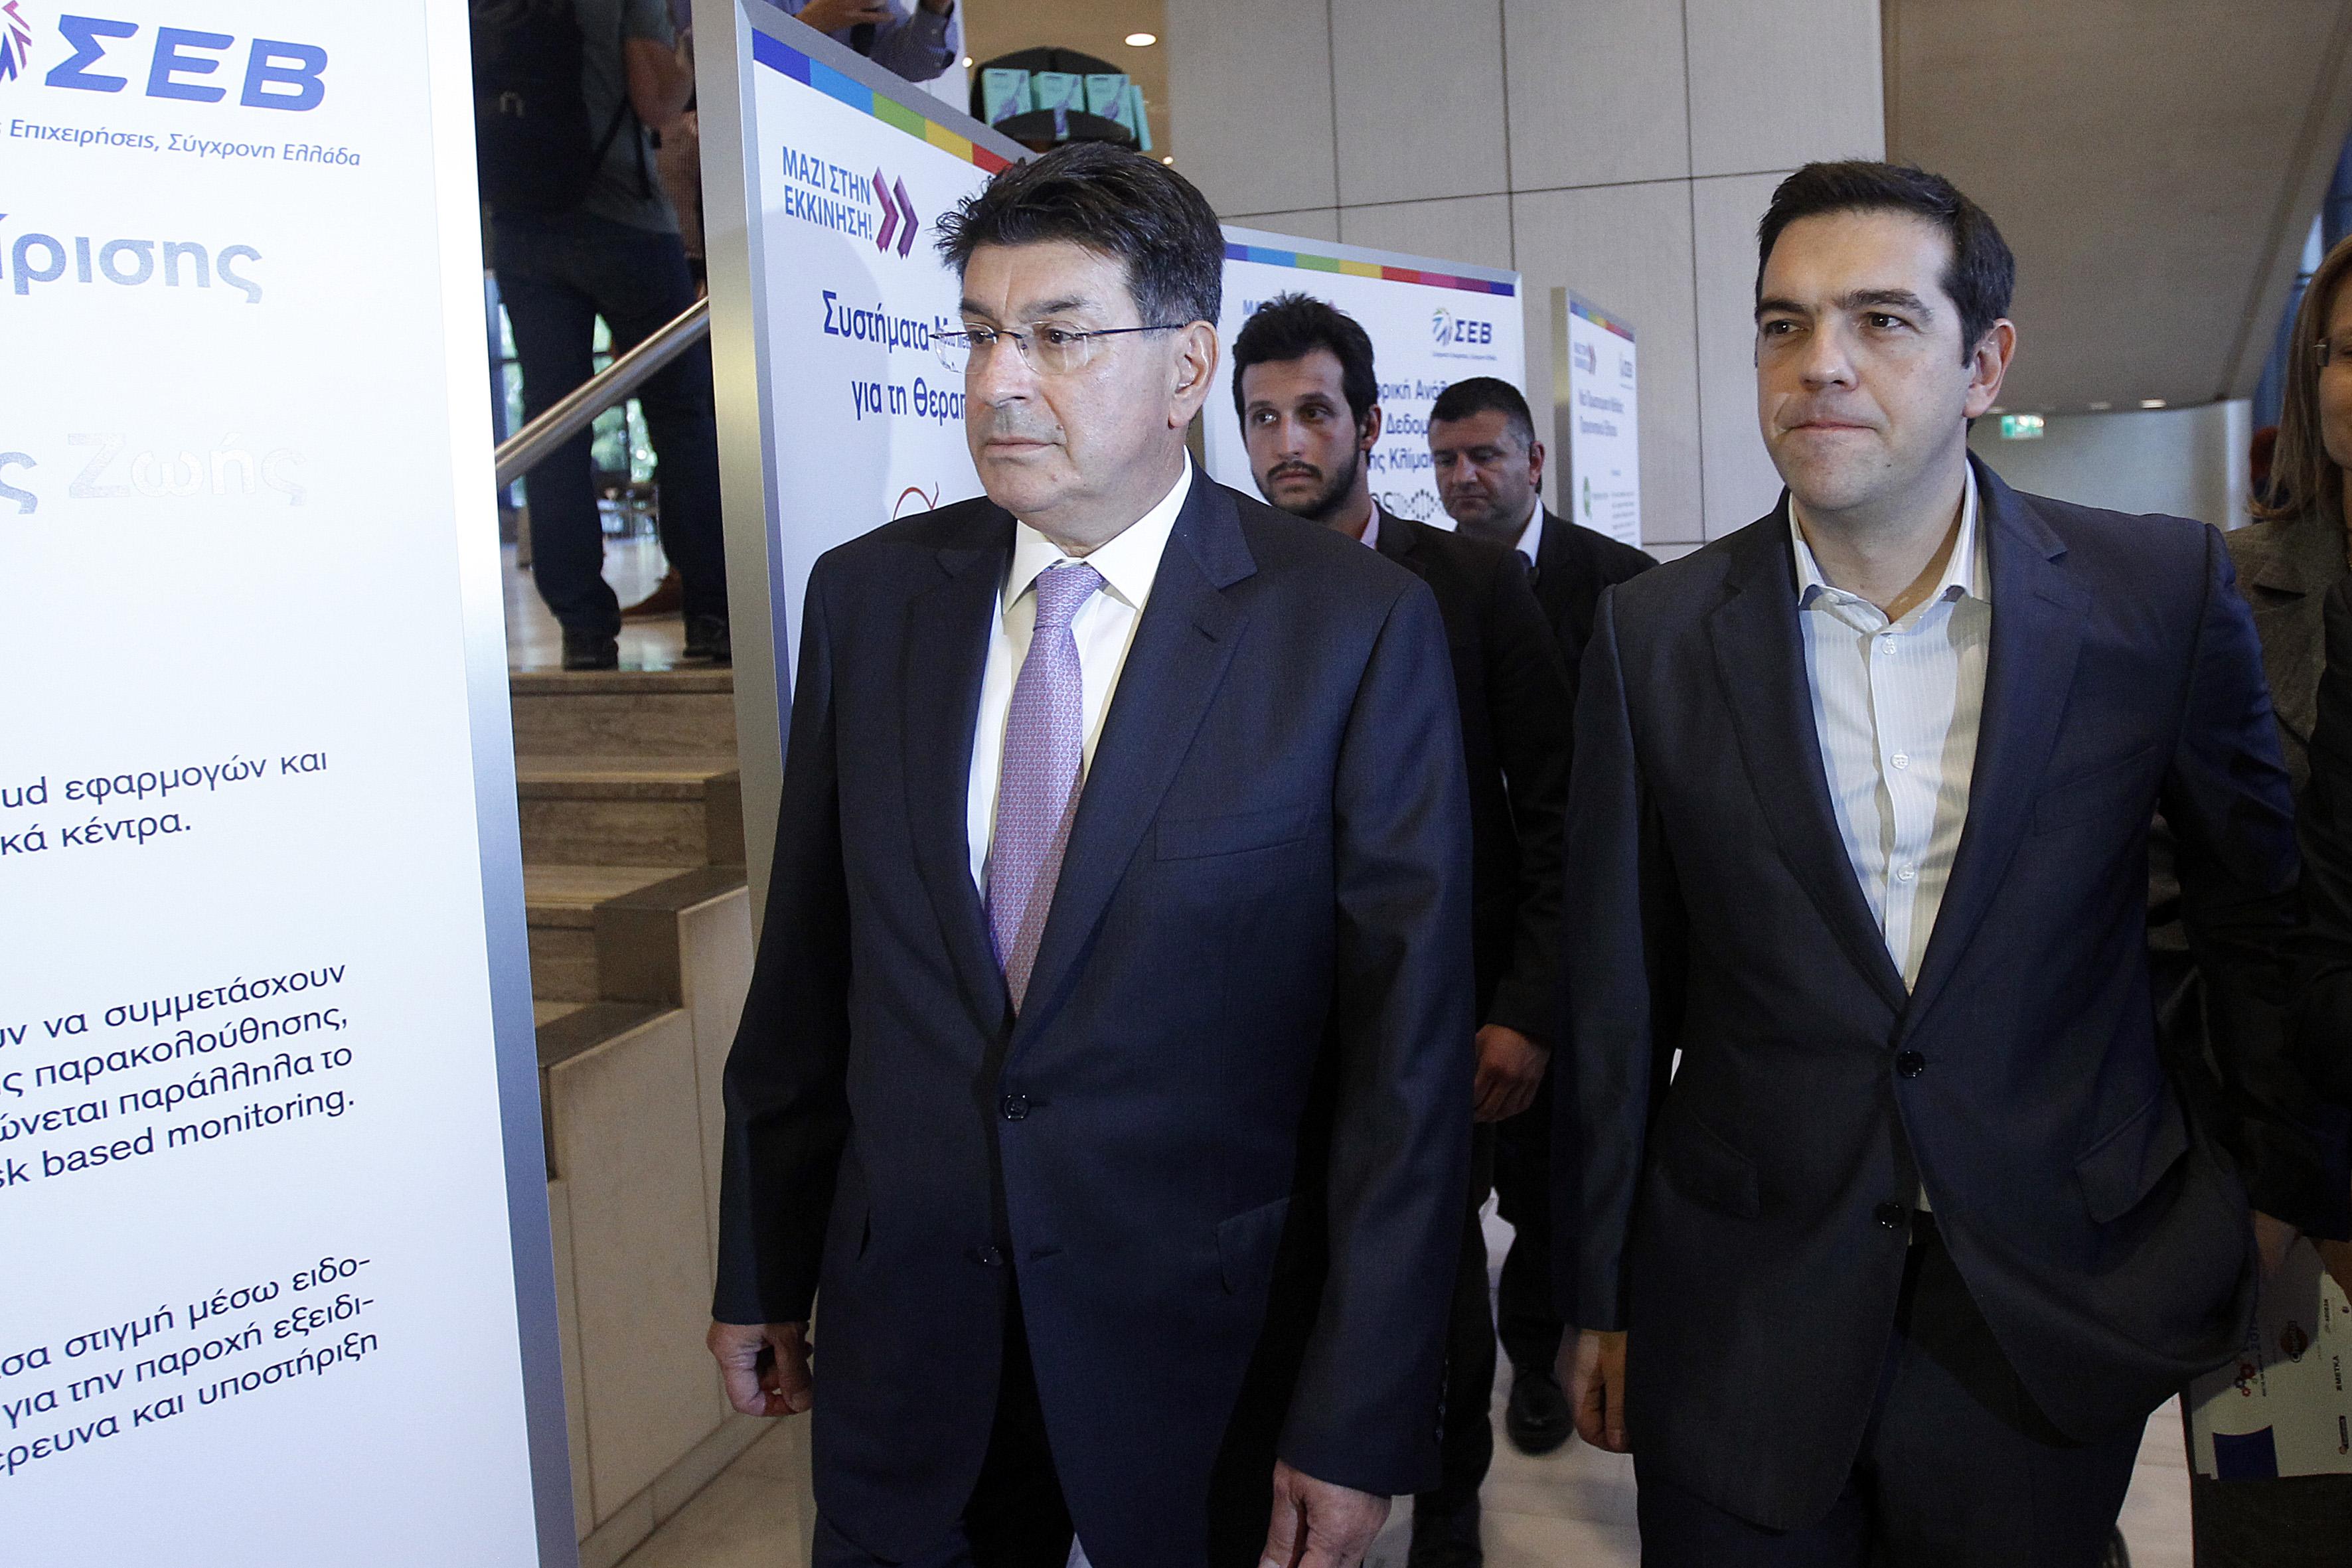 ΣΕΒ: Η οικονομία θα γυρίσει σελίδα, αν γίνουν οι μεταρρυθμίσεις | tovima.gr